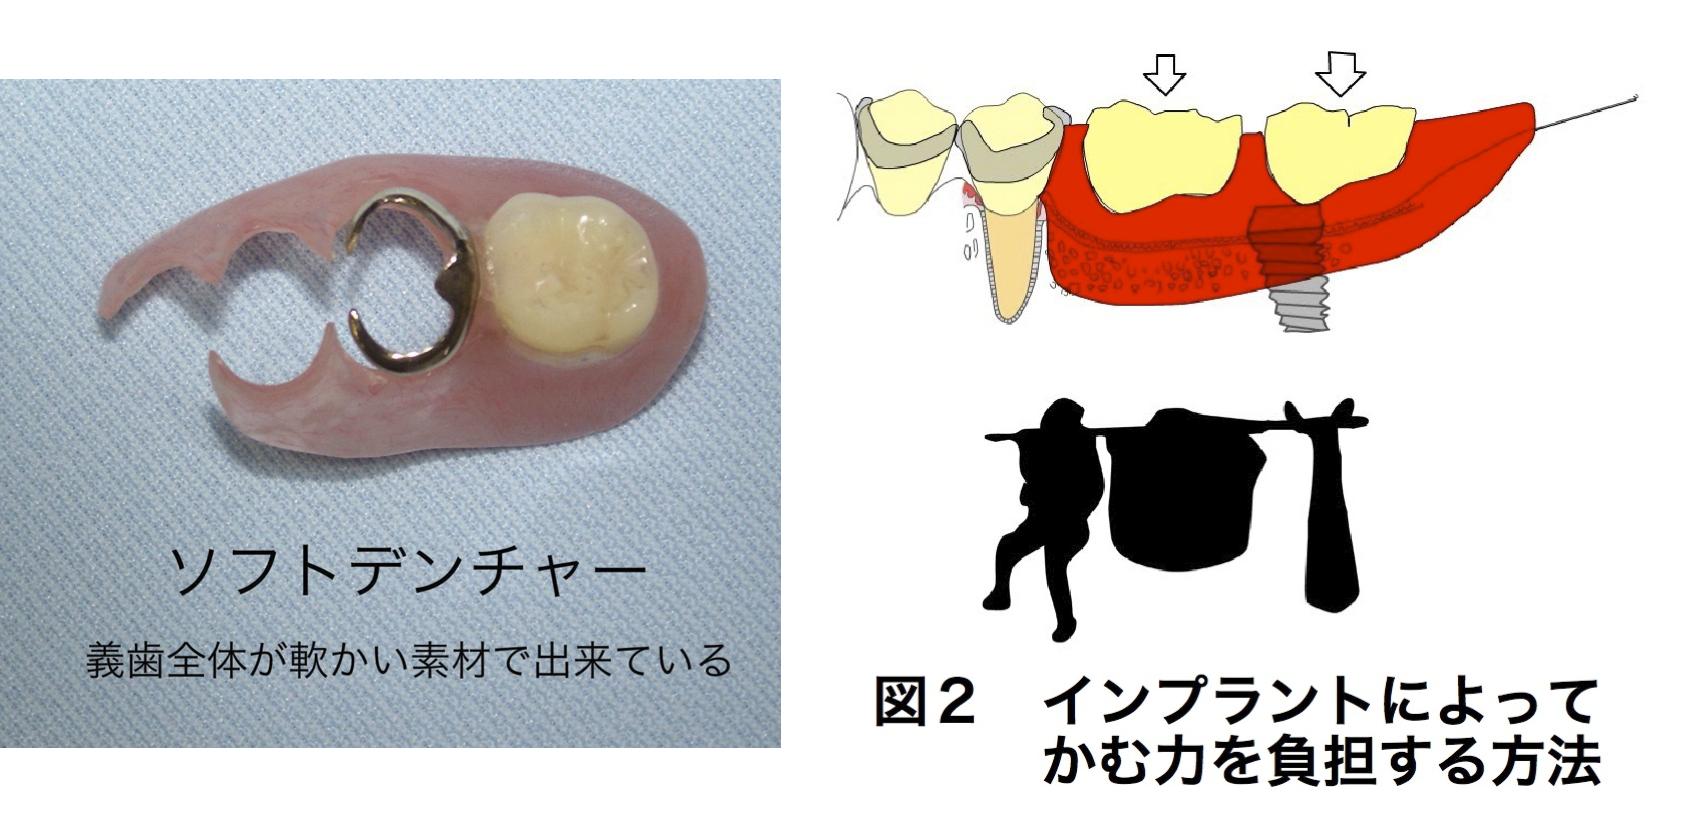 どうして入れ歯が痛むの?(治療編)